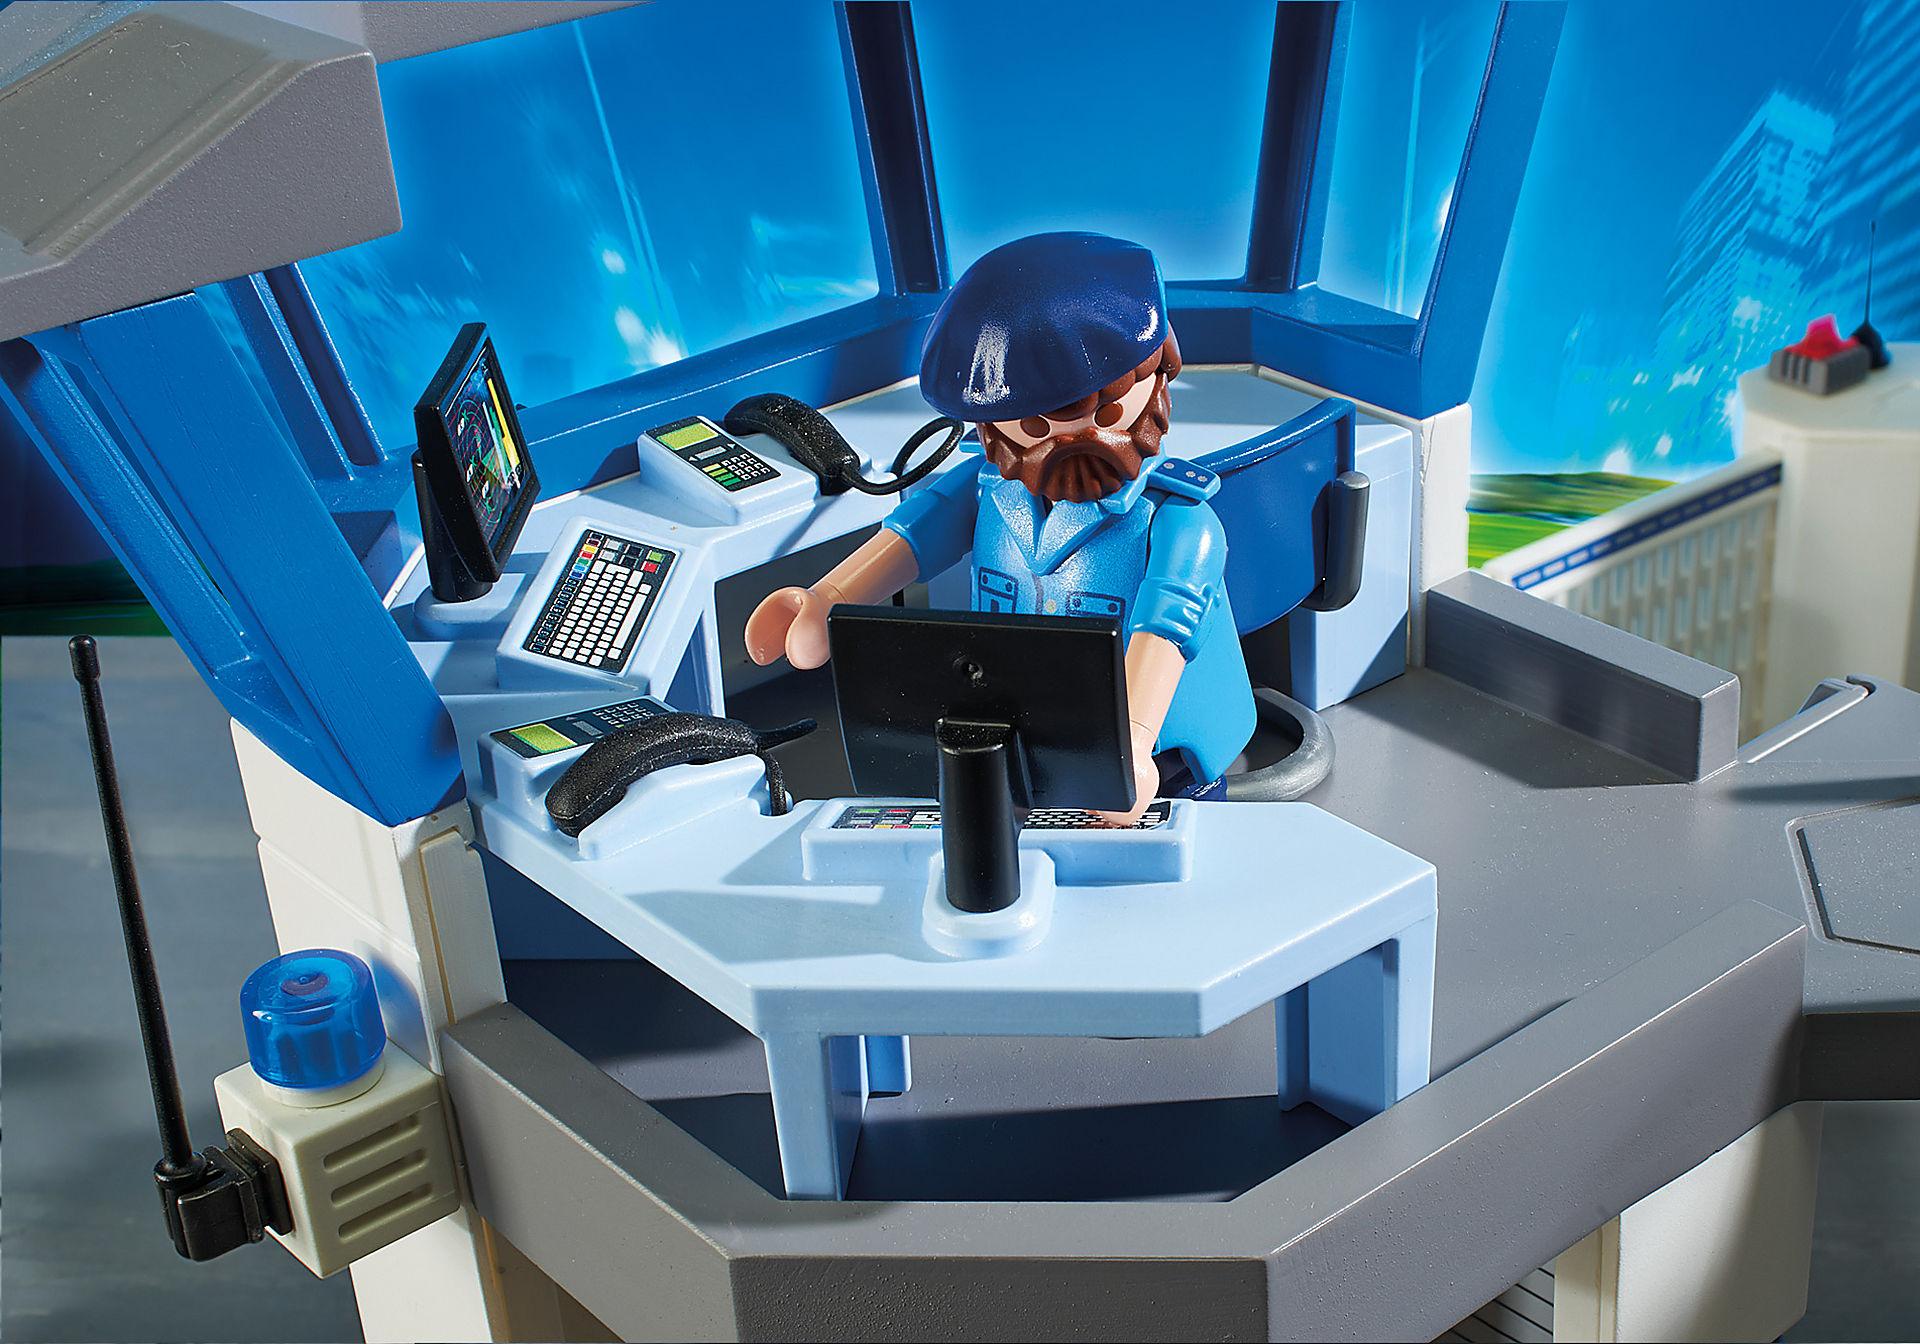 6919 Esquadra da Polícia com prisão zoom image8